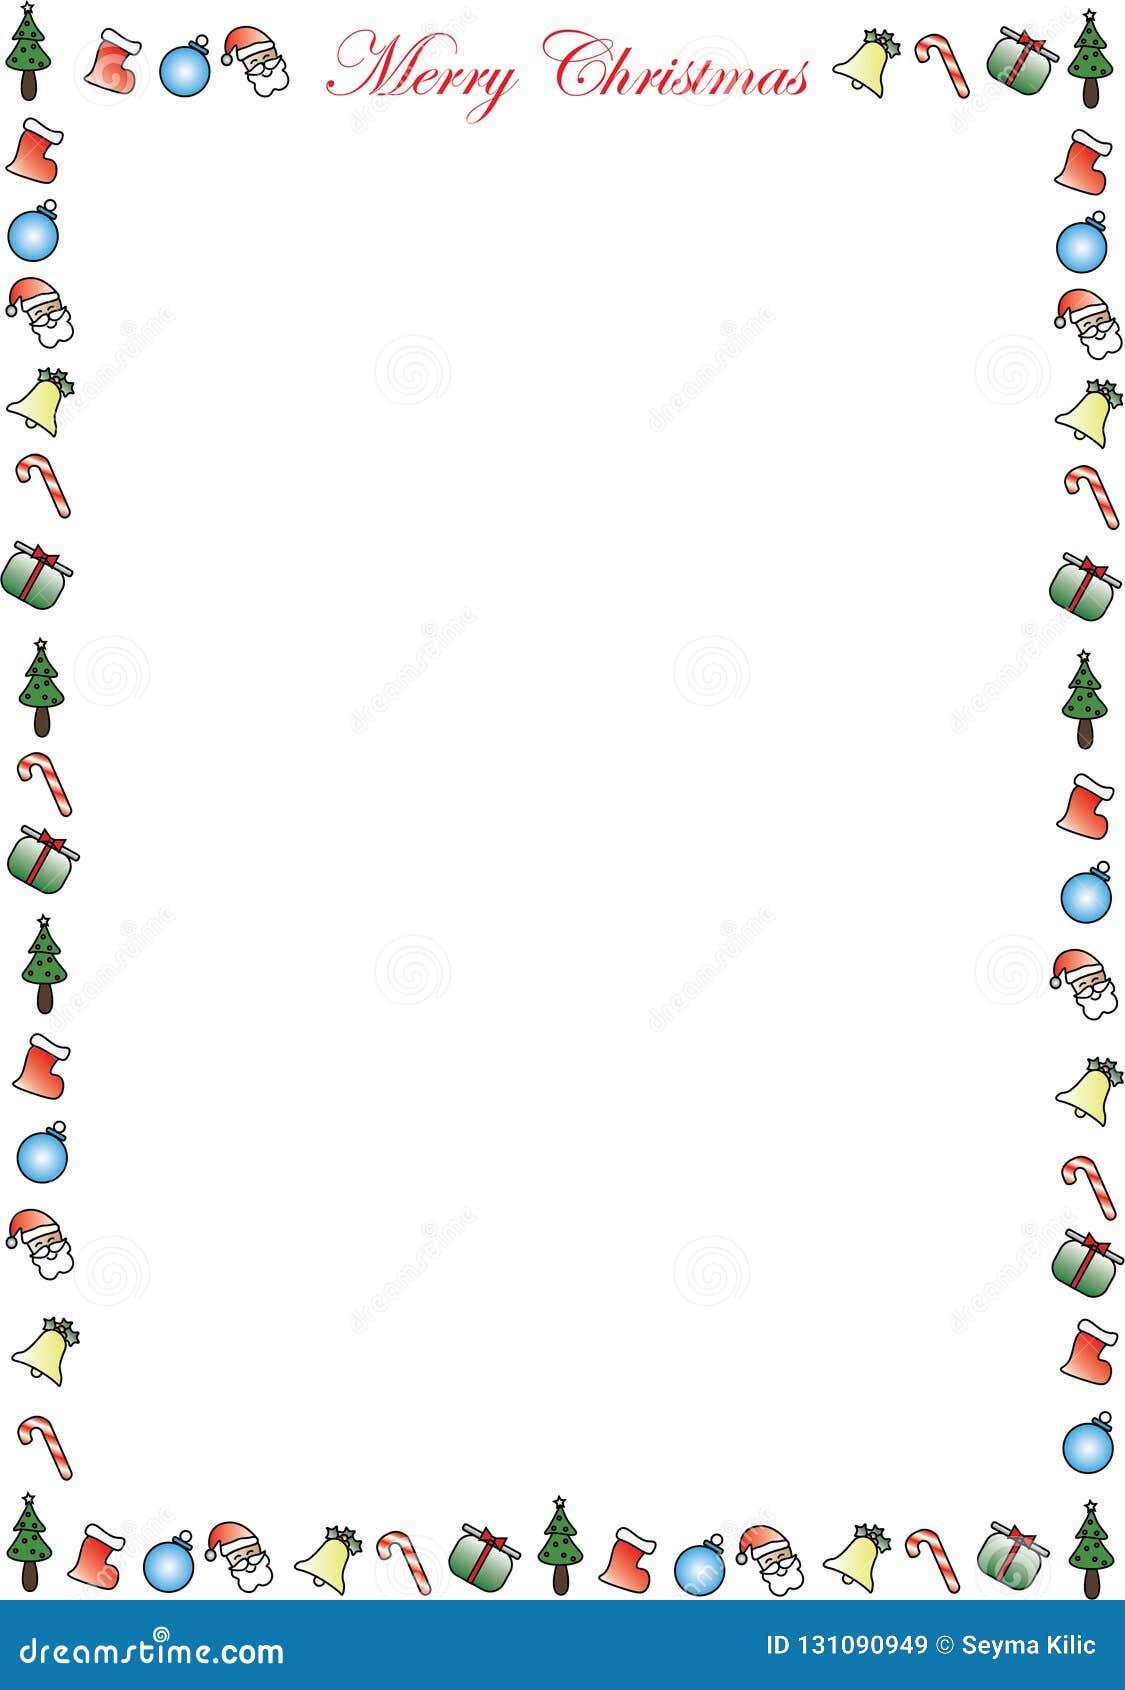 Fotorahmen Weihnachten.Frohe Weihnacht Rahmen Potrait Vektor Abbildung Illustration Von